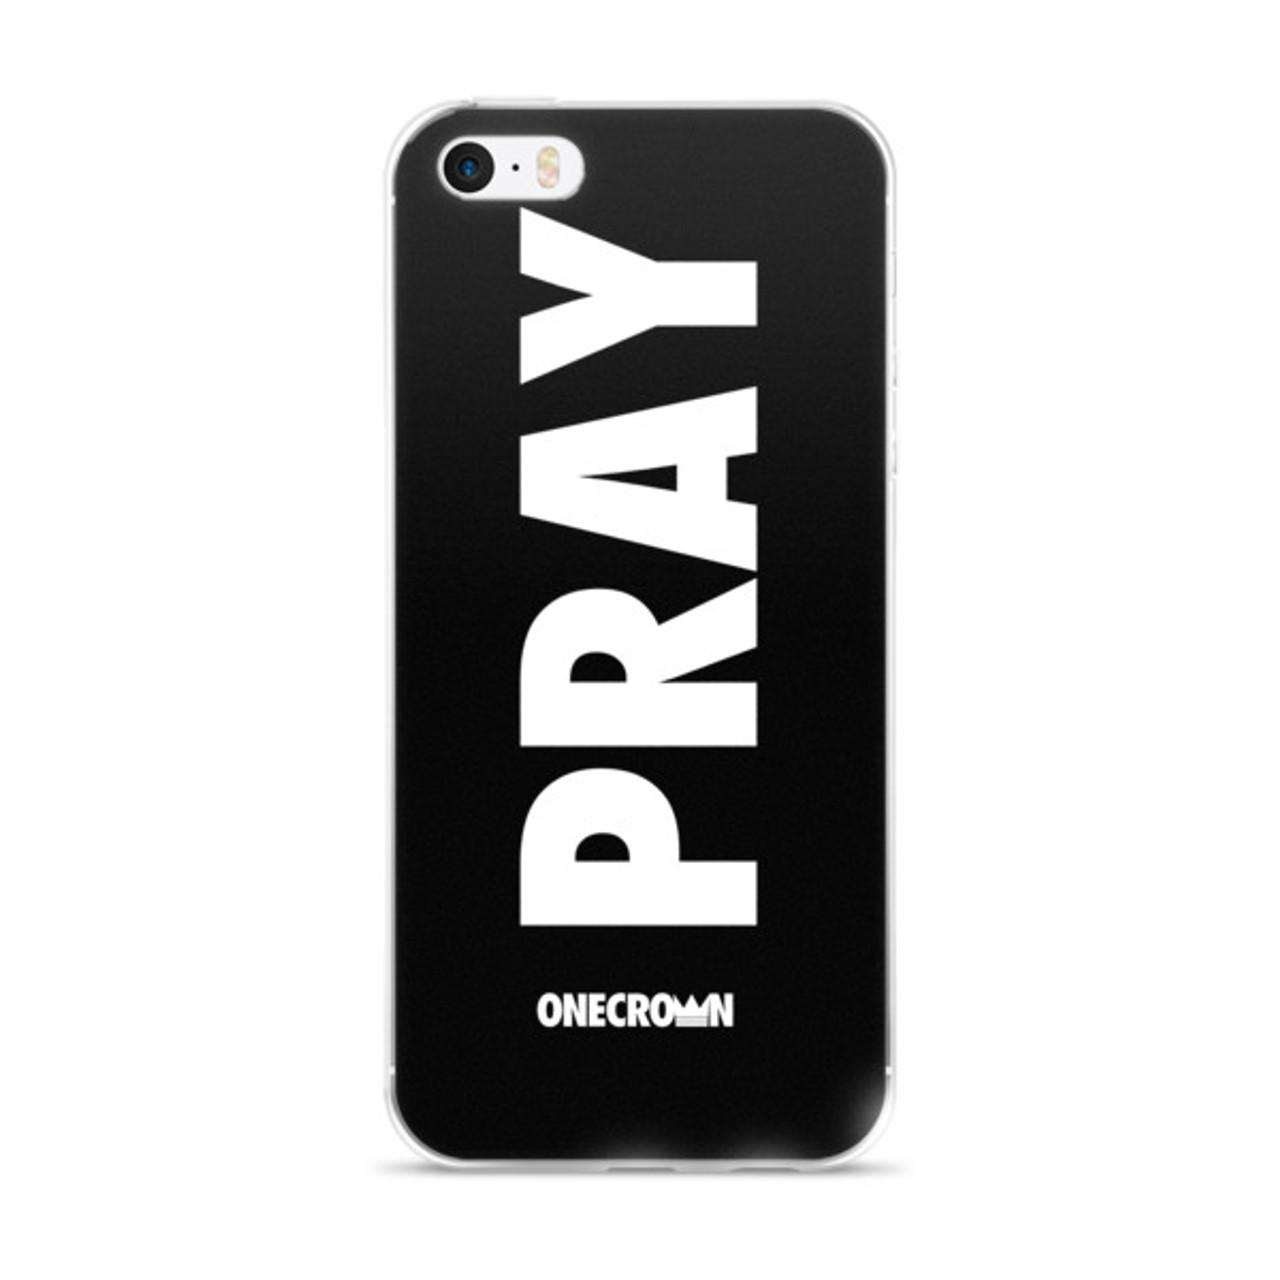 PRAY iPhone 6/6s, 6/6s Plus Case - Black